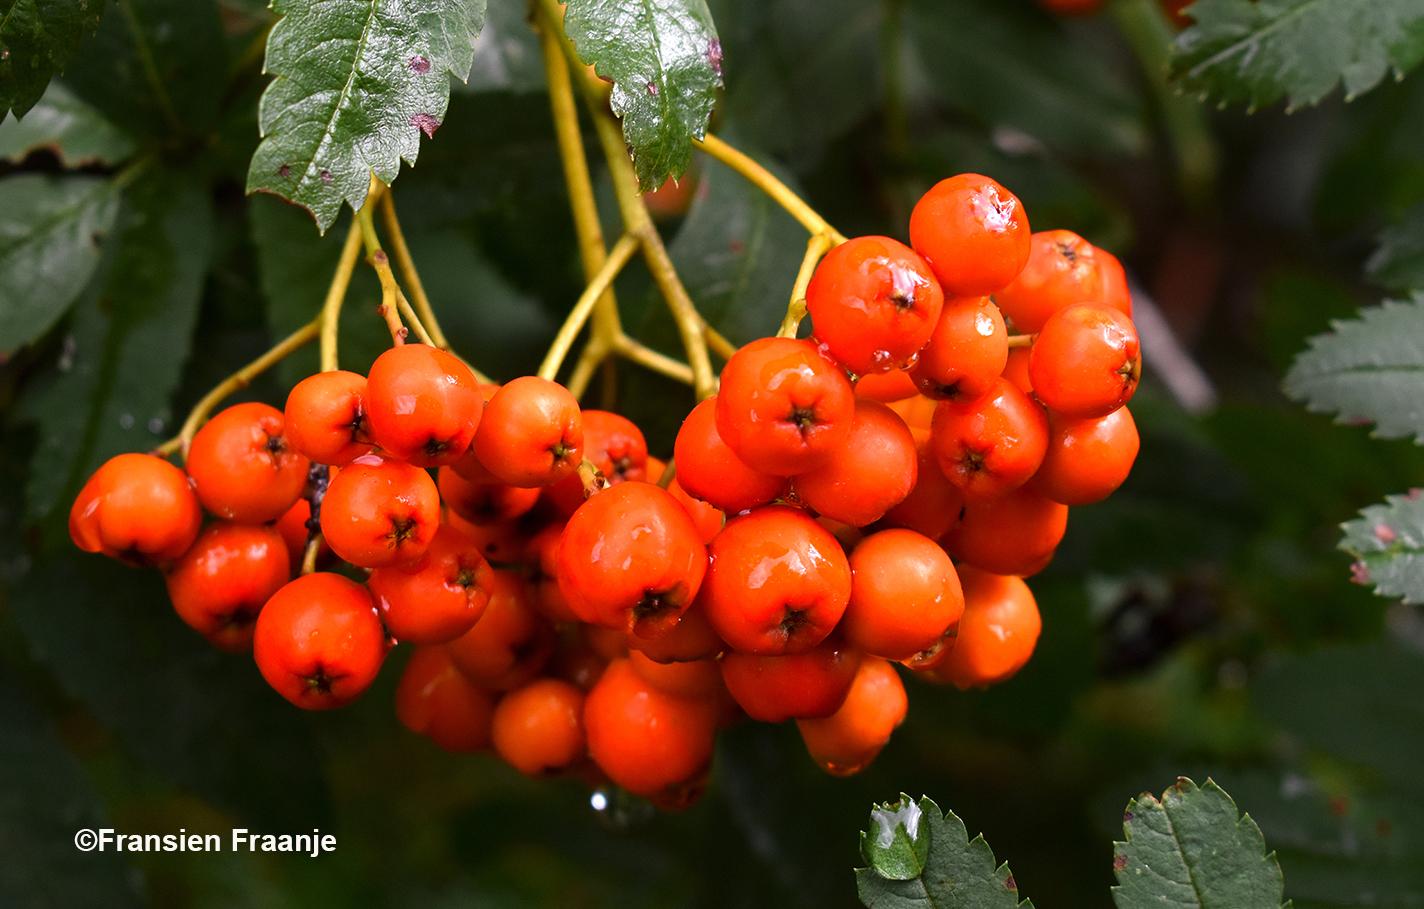 Een prachtige tros oranje lijsterbessen - Foto: ©Fransien Fraanje